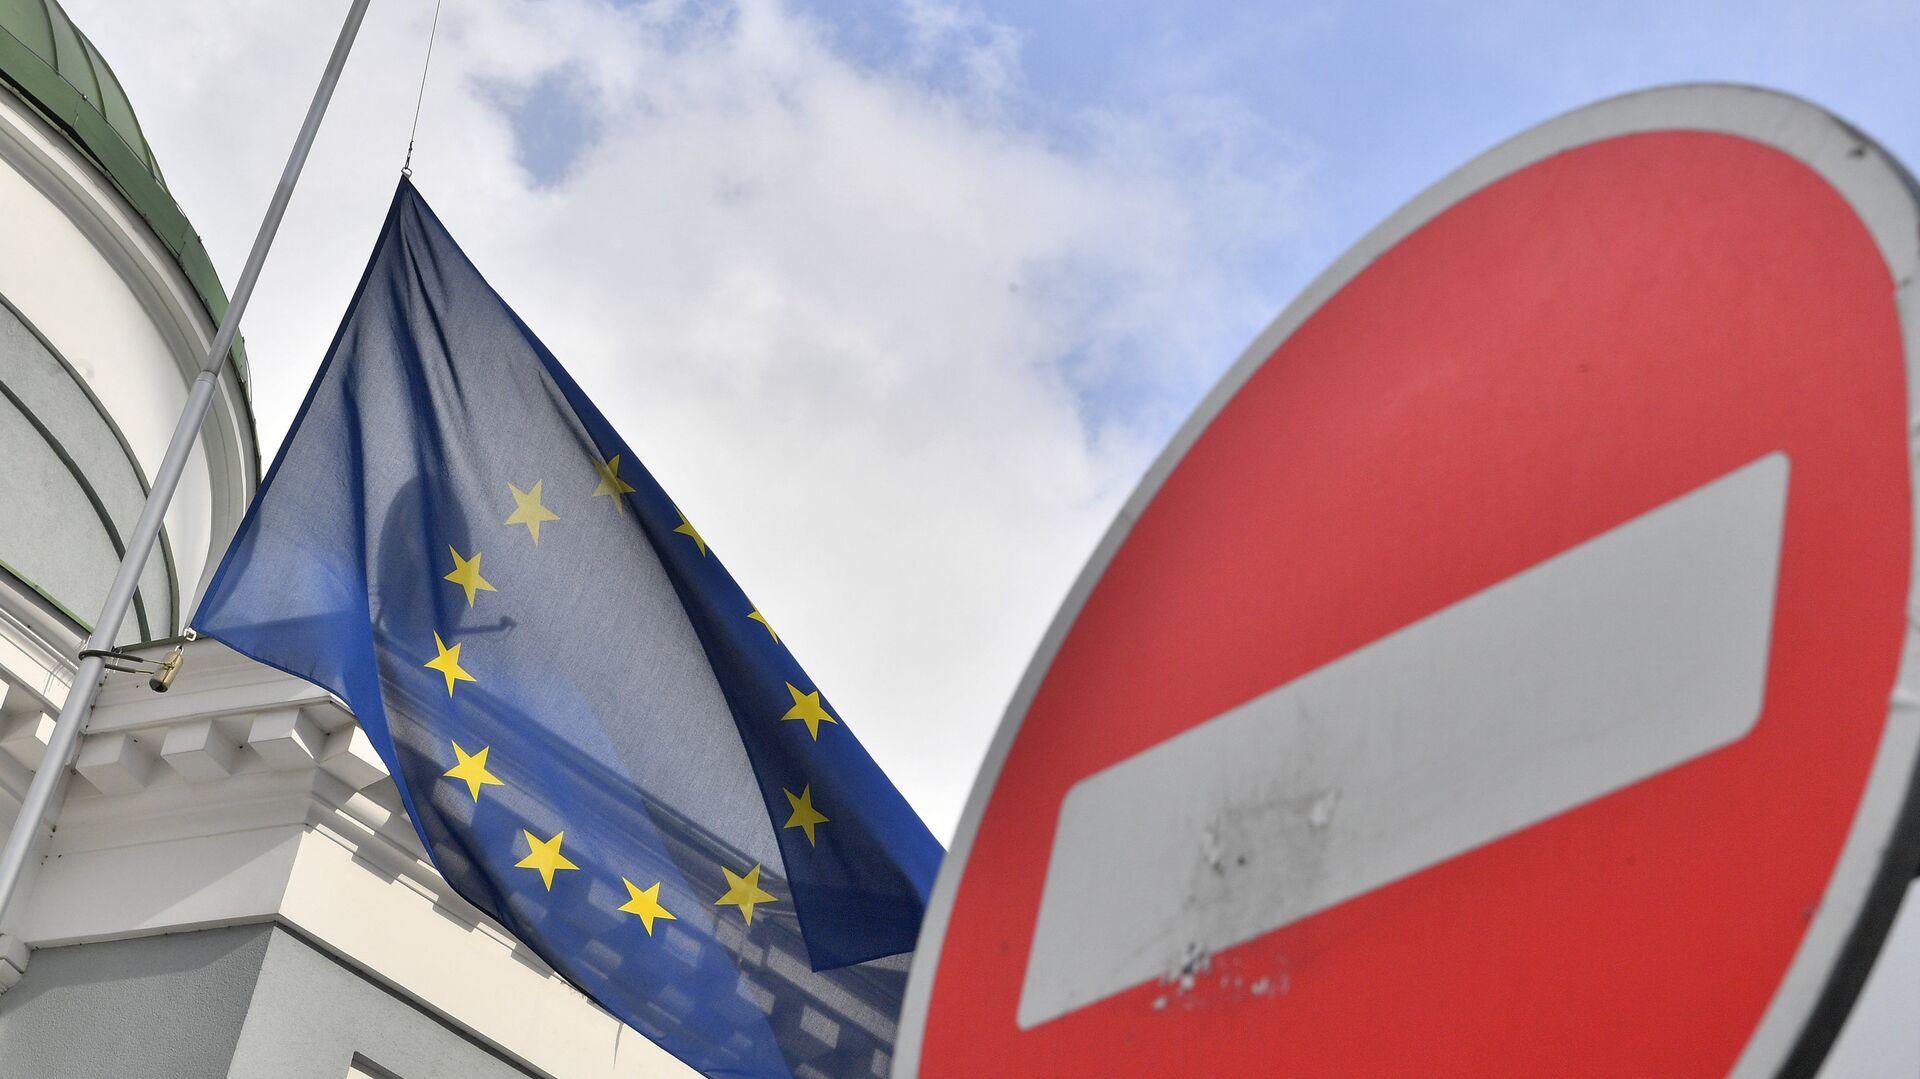 Bandera de la UE - Sputnik Mundo, 1920, 31.05.2021